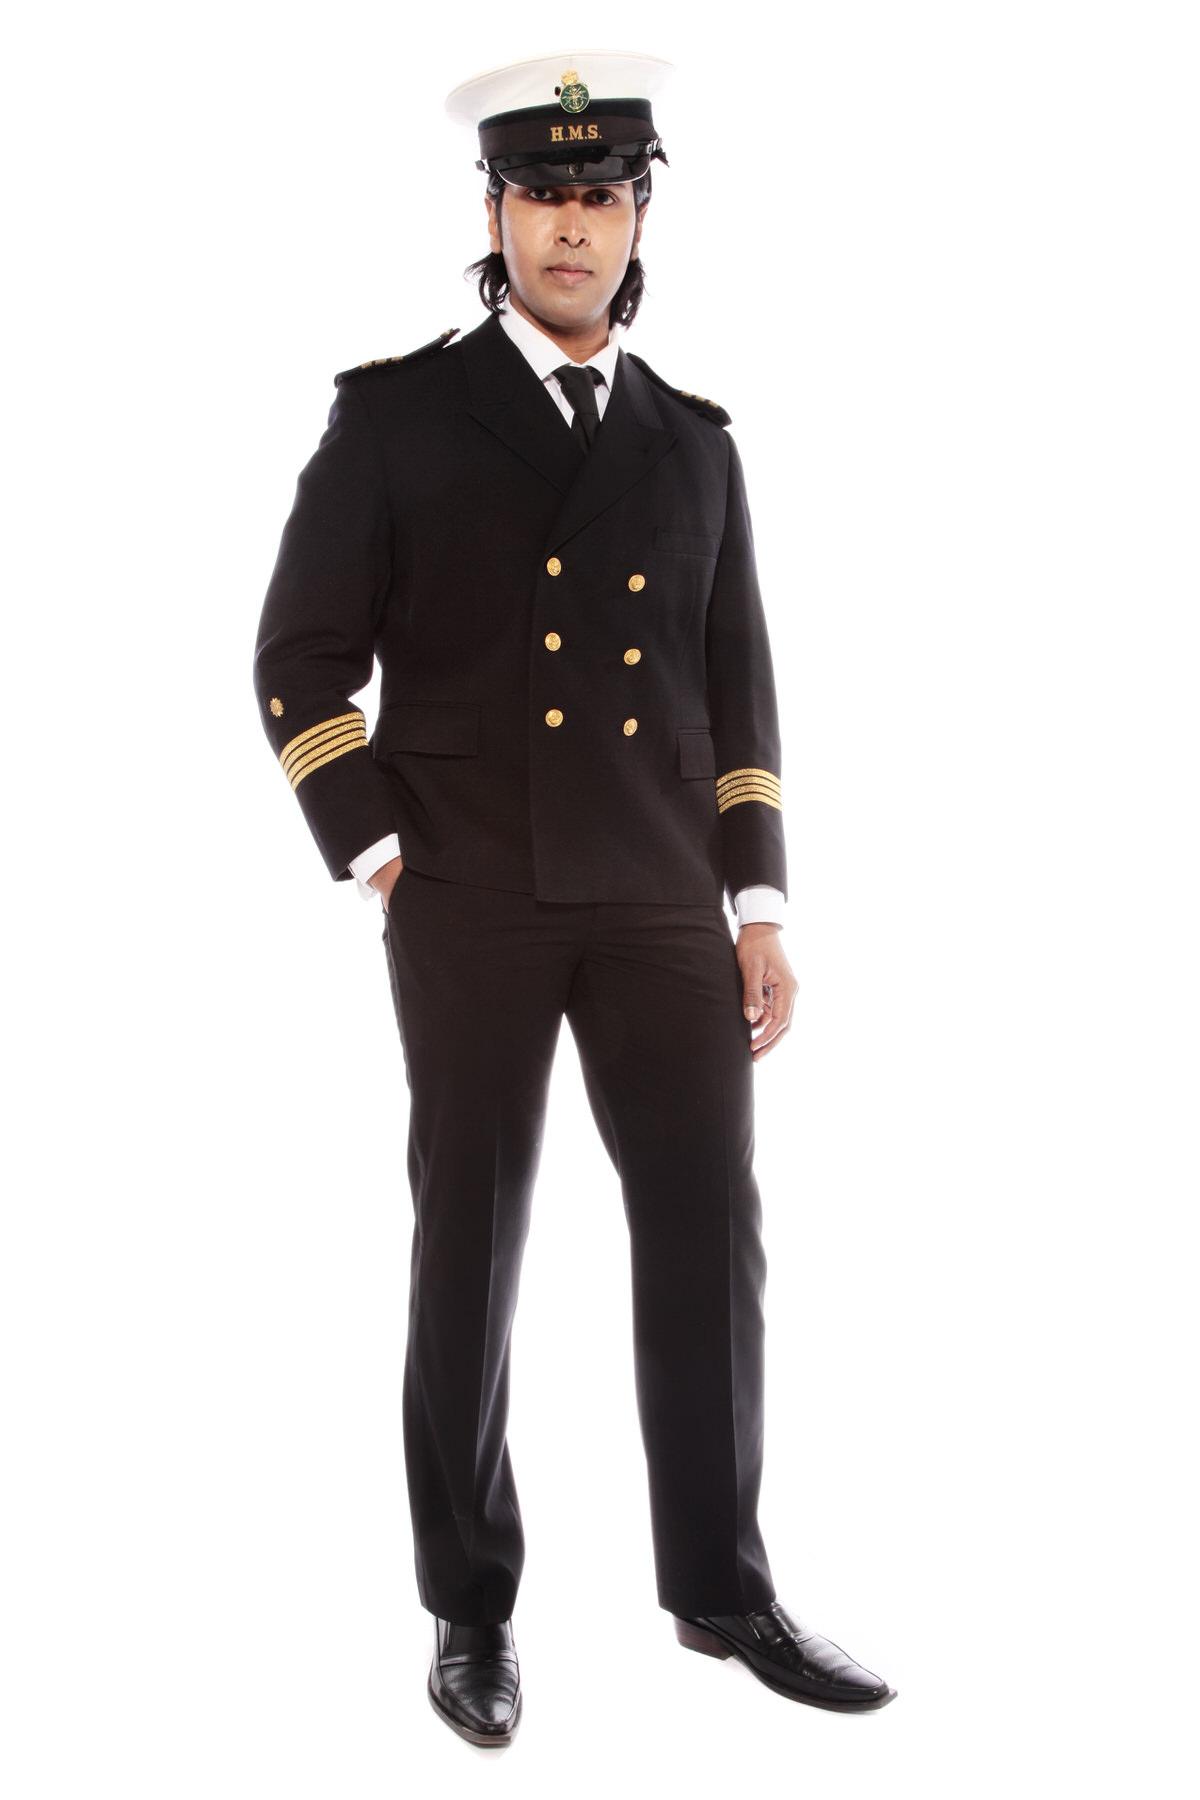 NAVAL OFFICER COSTUME W PEAKED HMS CAP